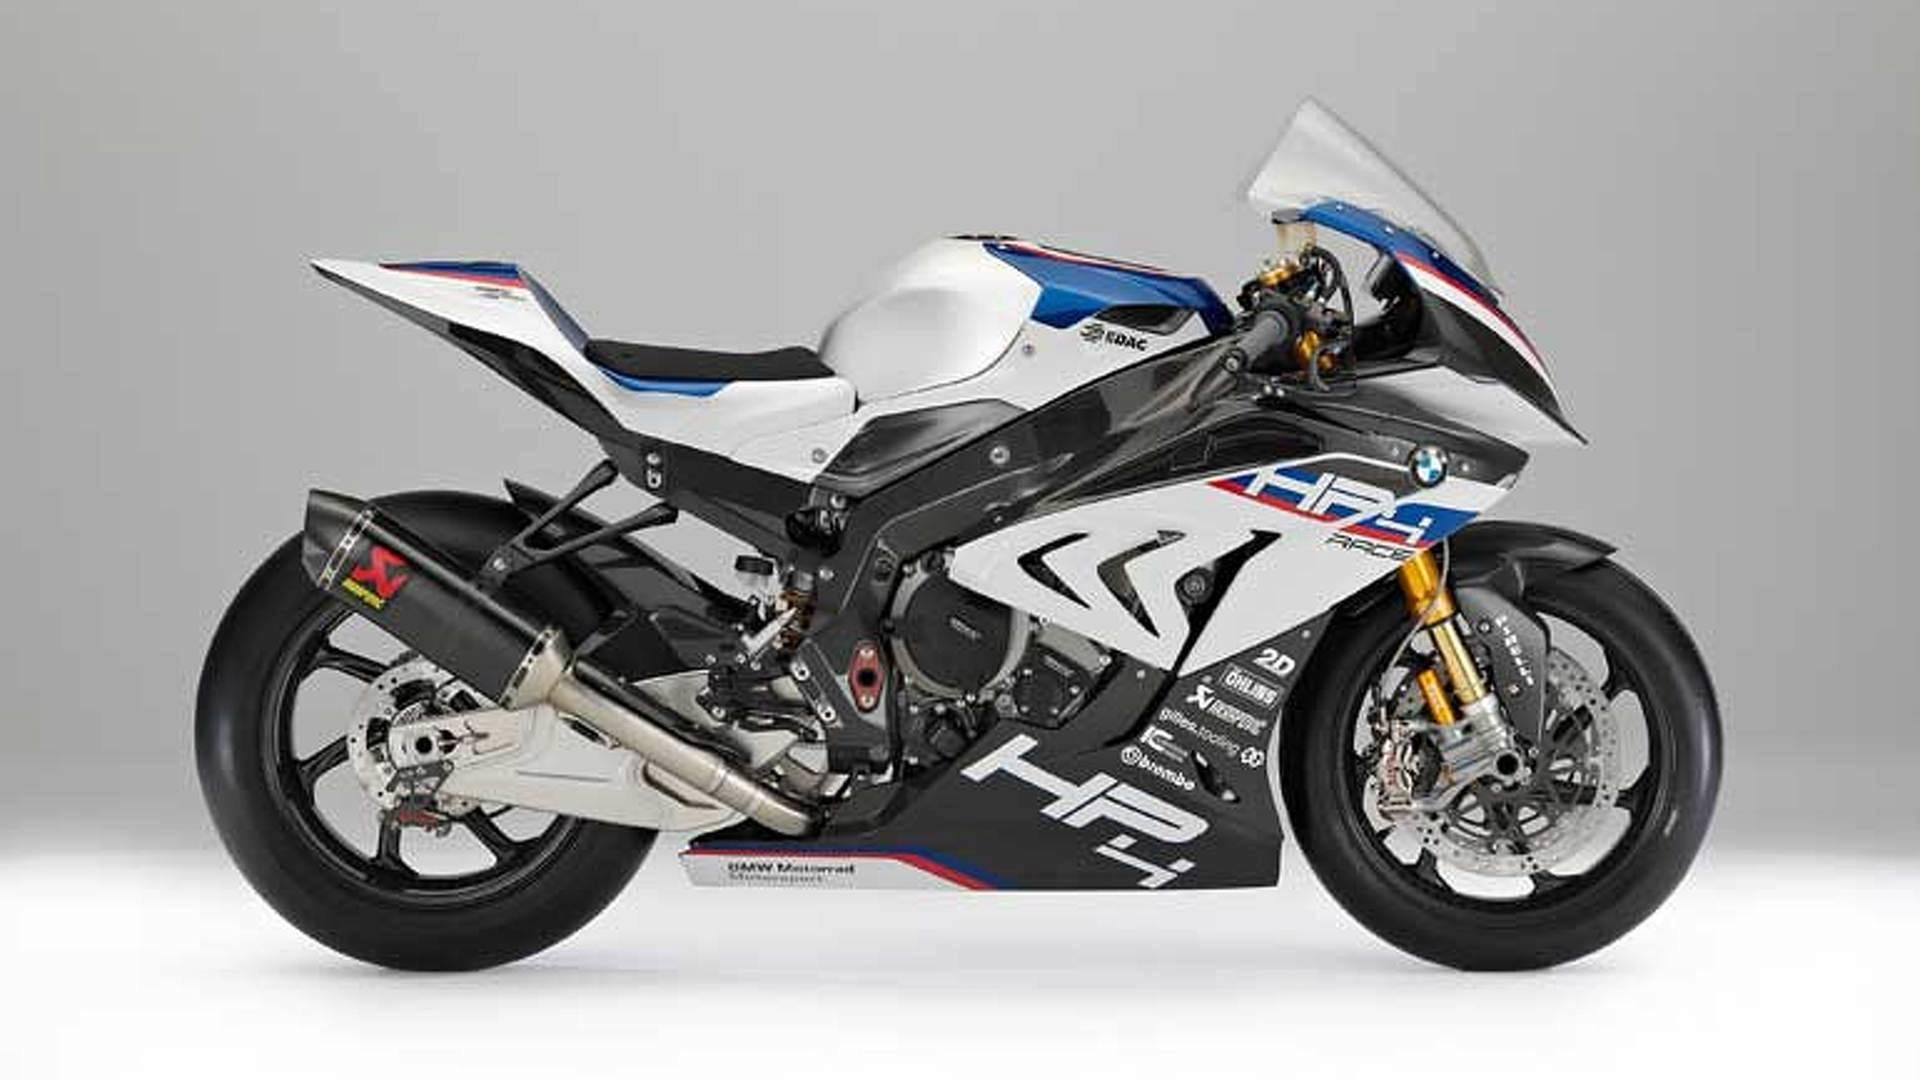 Tổng hợp những mẫu xe mô tô đắt đỏ nhất thế giới